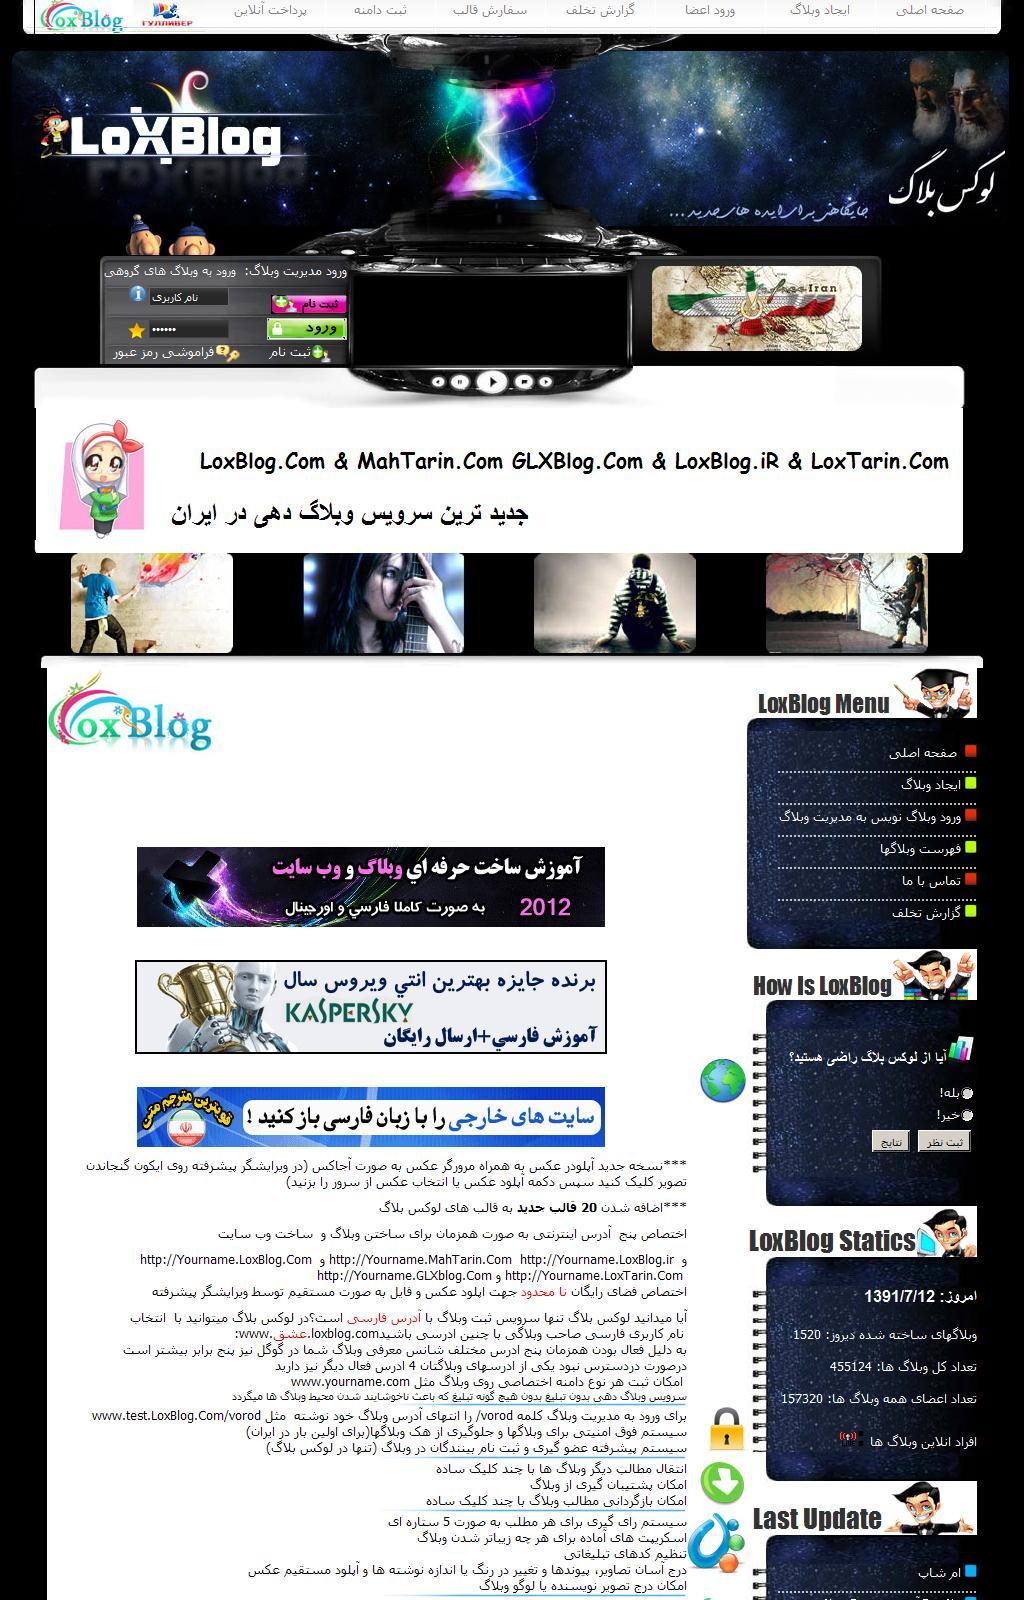 زیباترین وبلاگ بهترین ساخت وبلاگ کاملترین ساختن سایت جدید ترین سرویس رایگان وبلاگ دهی فارسی ساخت وبلاگ بدون تبلیغ دانلود زیباترین قالب ها